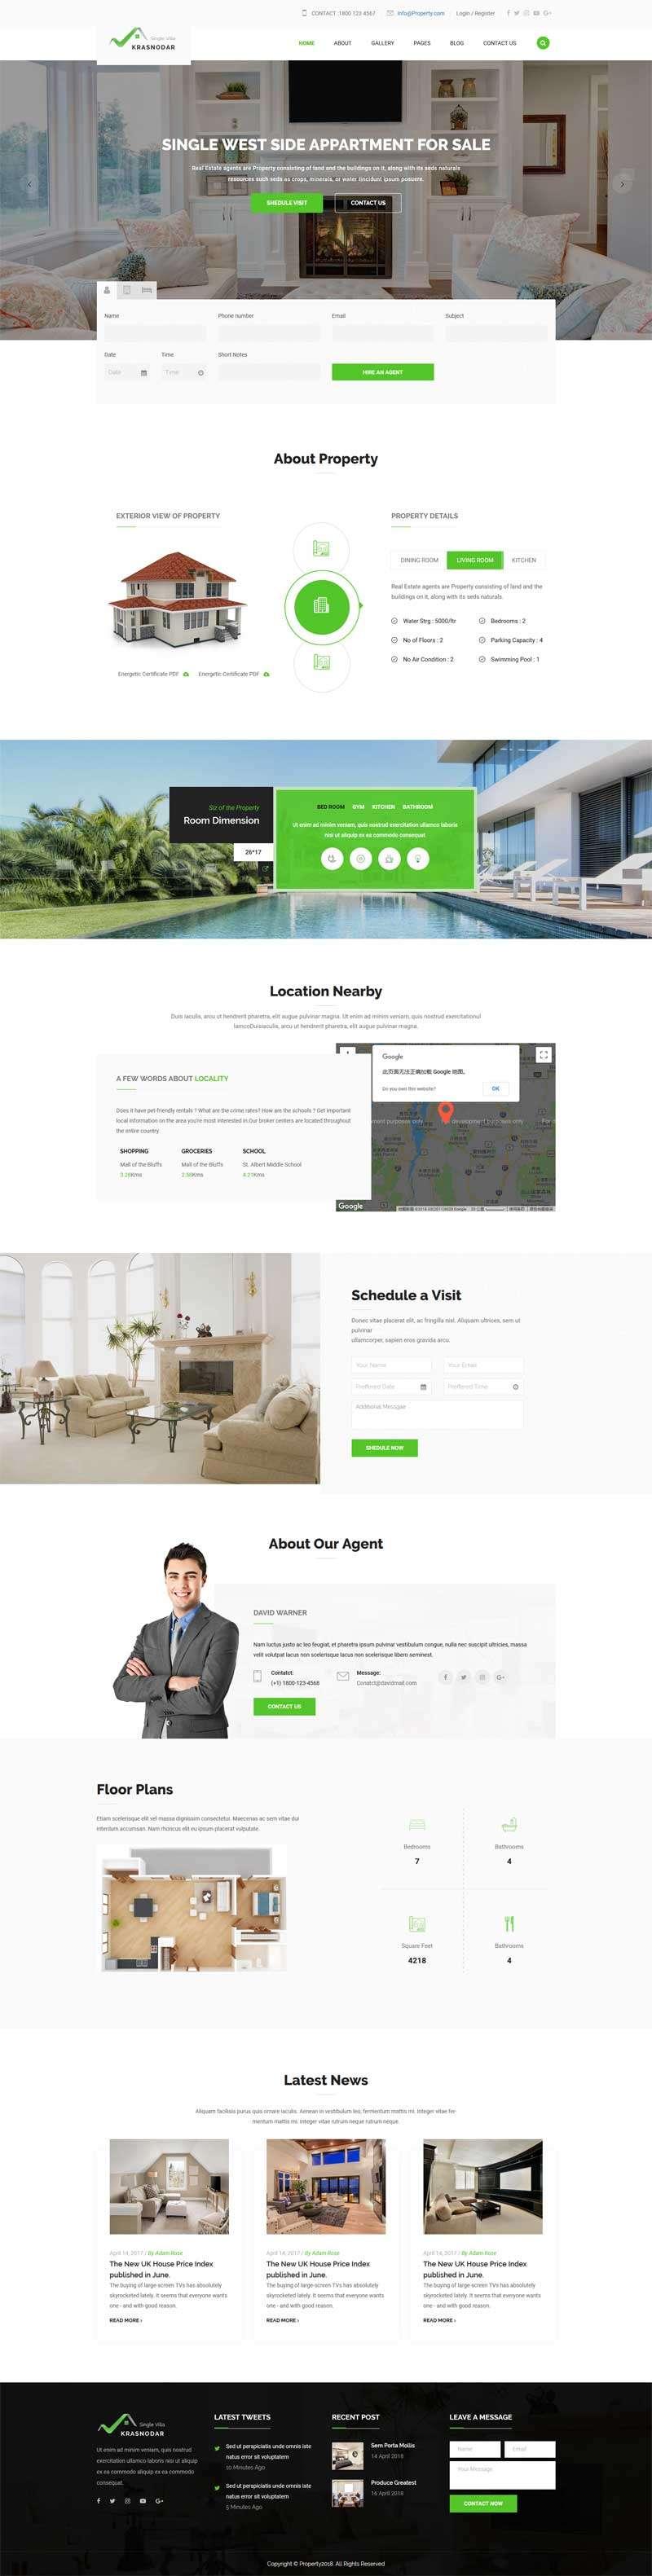 大气的二手房交易网站Bootstrap模板